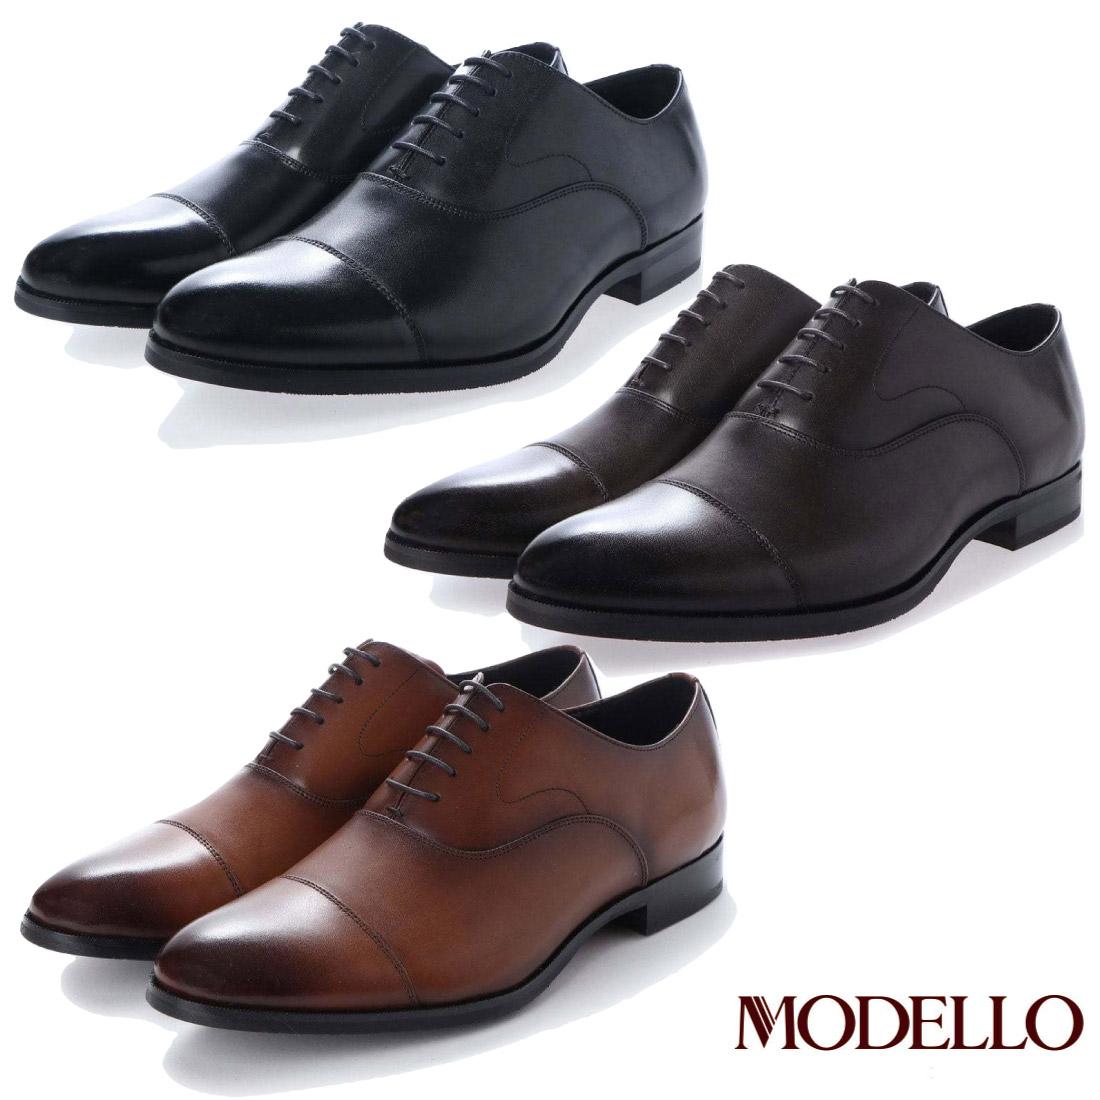 モデロ MODELLO 内羽根 ストレートチップ ビジネスシューズ DM5511シューズ 靴 本革 【nesh】 【新品】